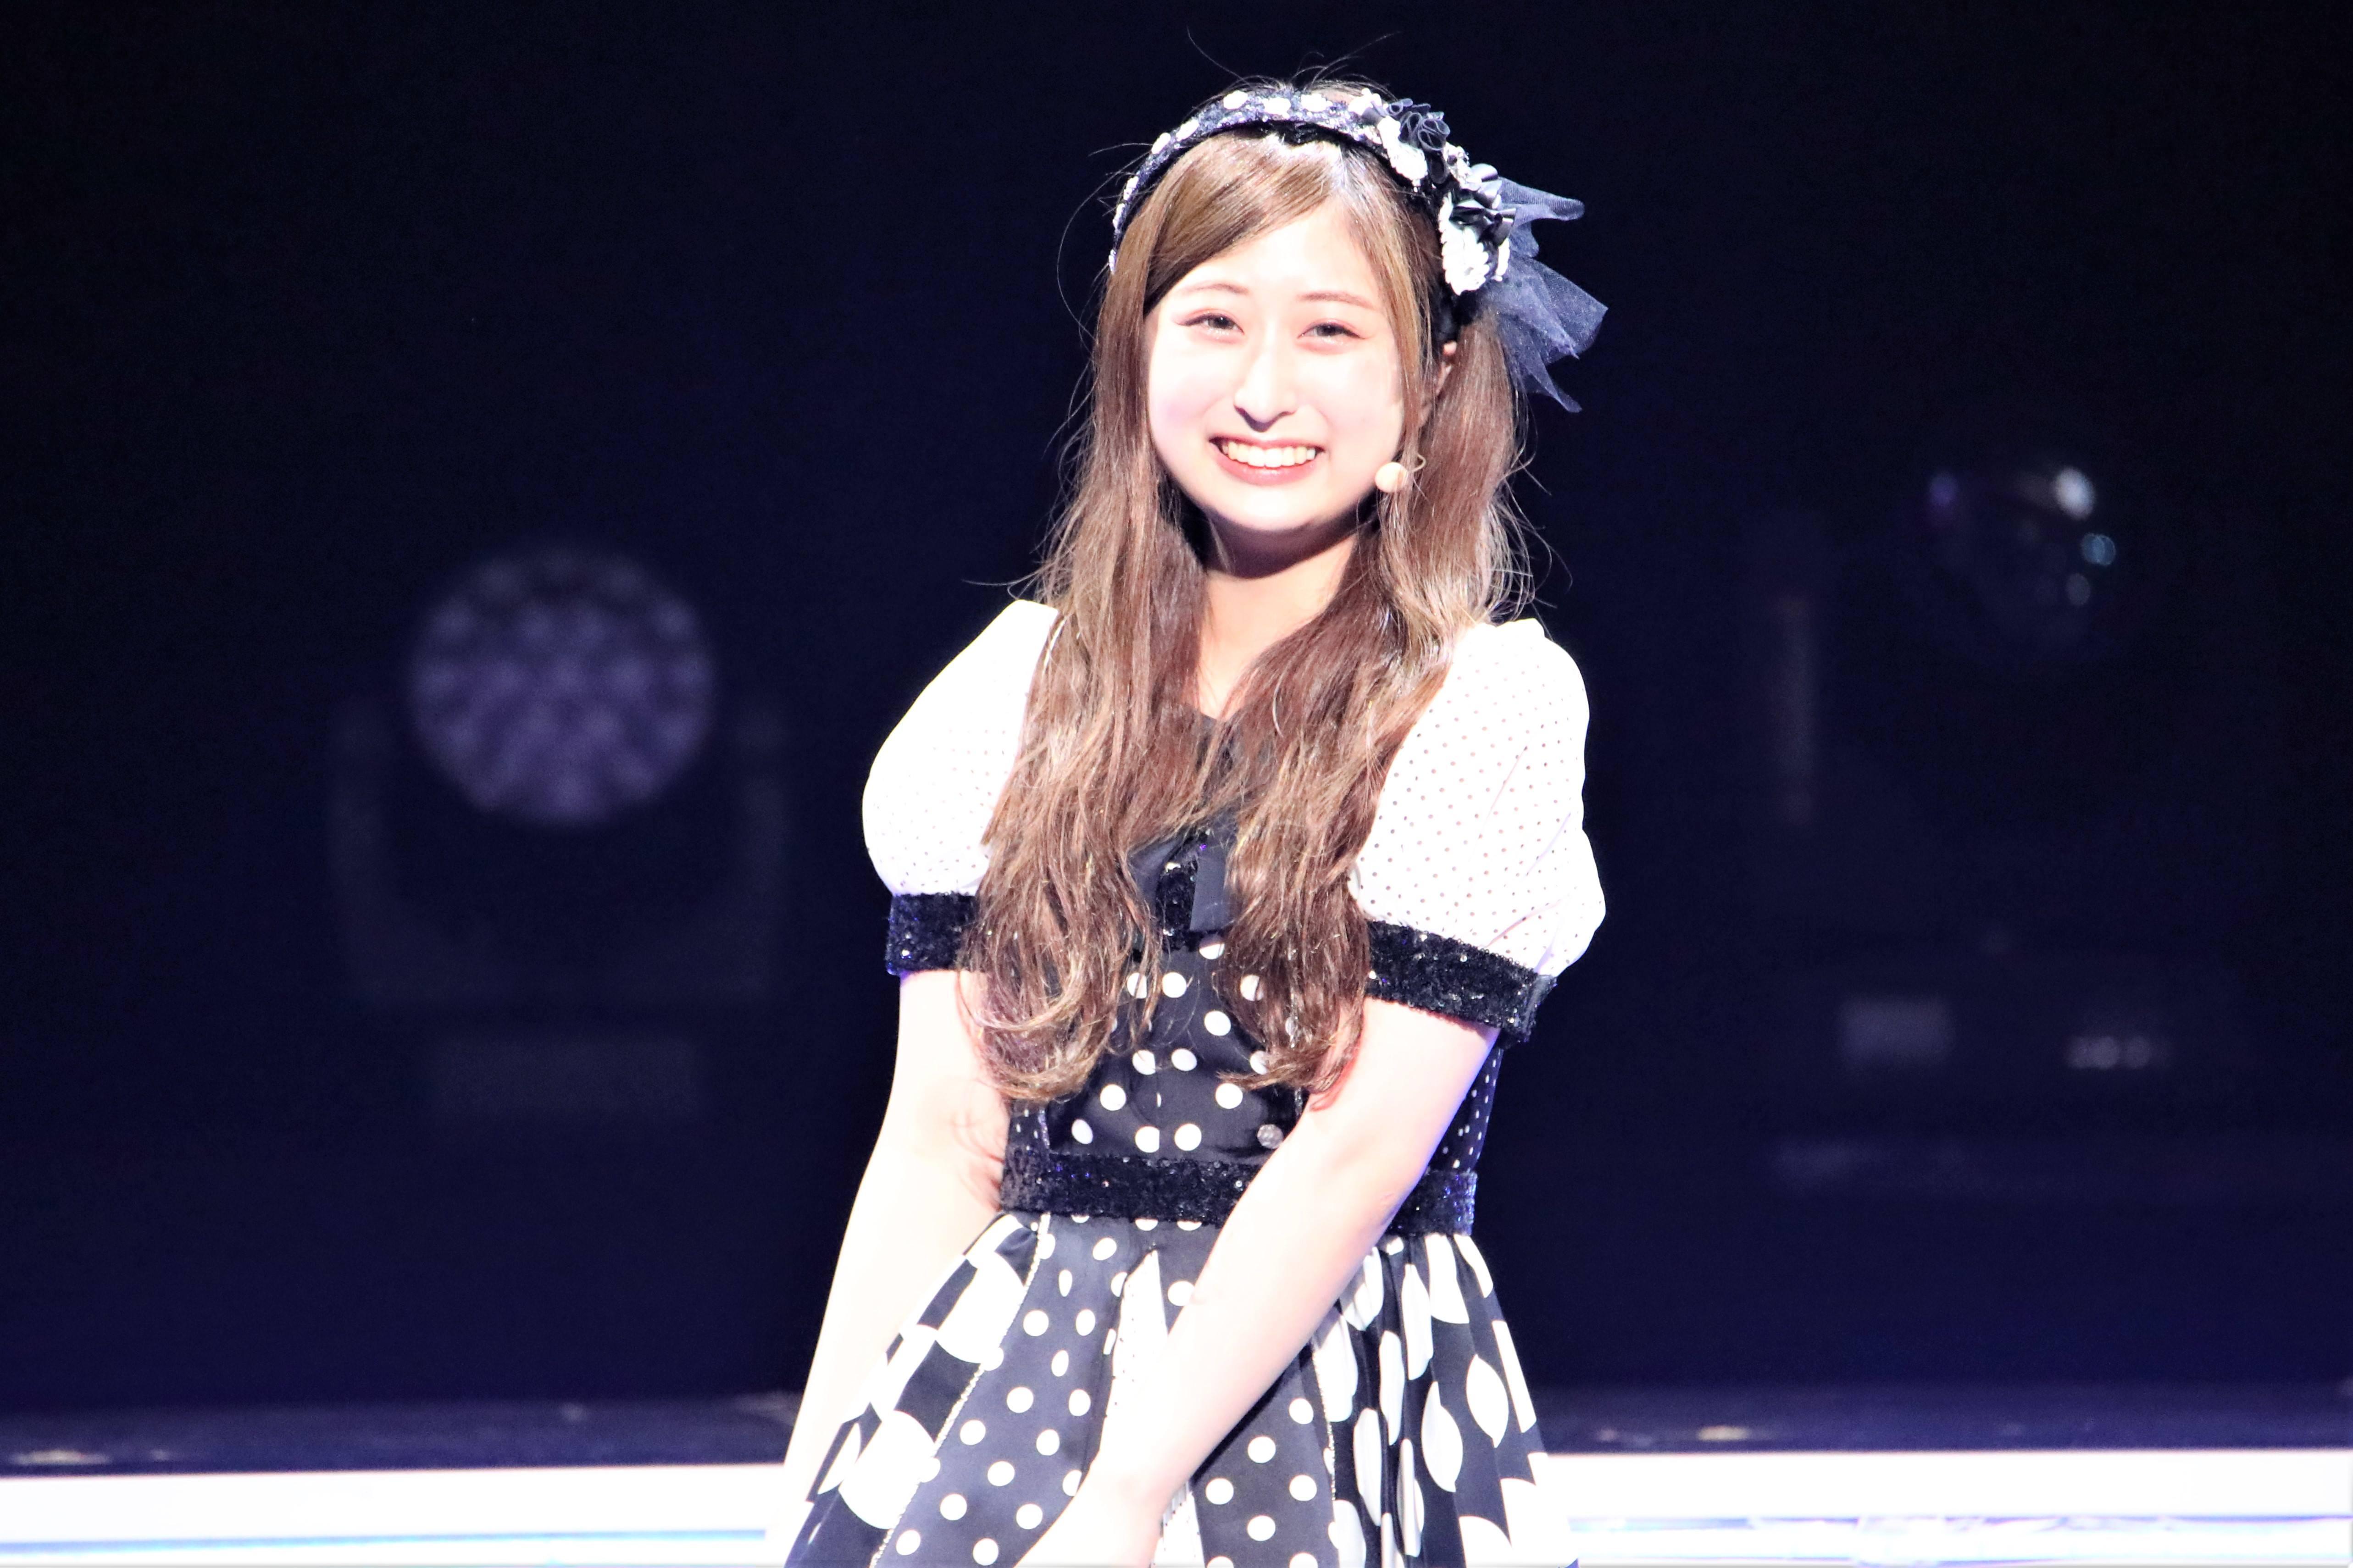 吉橋柚花 ©AKB48 THE AUDISHOW製作委員会 無断アップロード及び転送は一切禁止です。